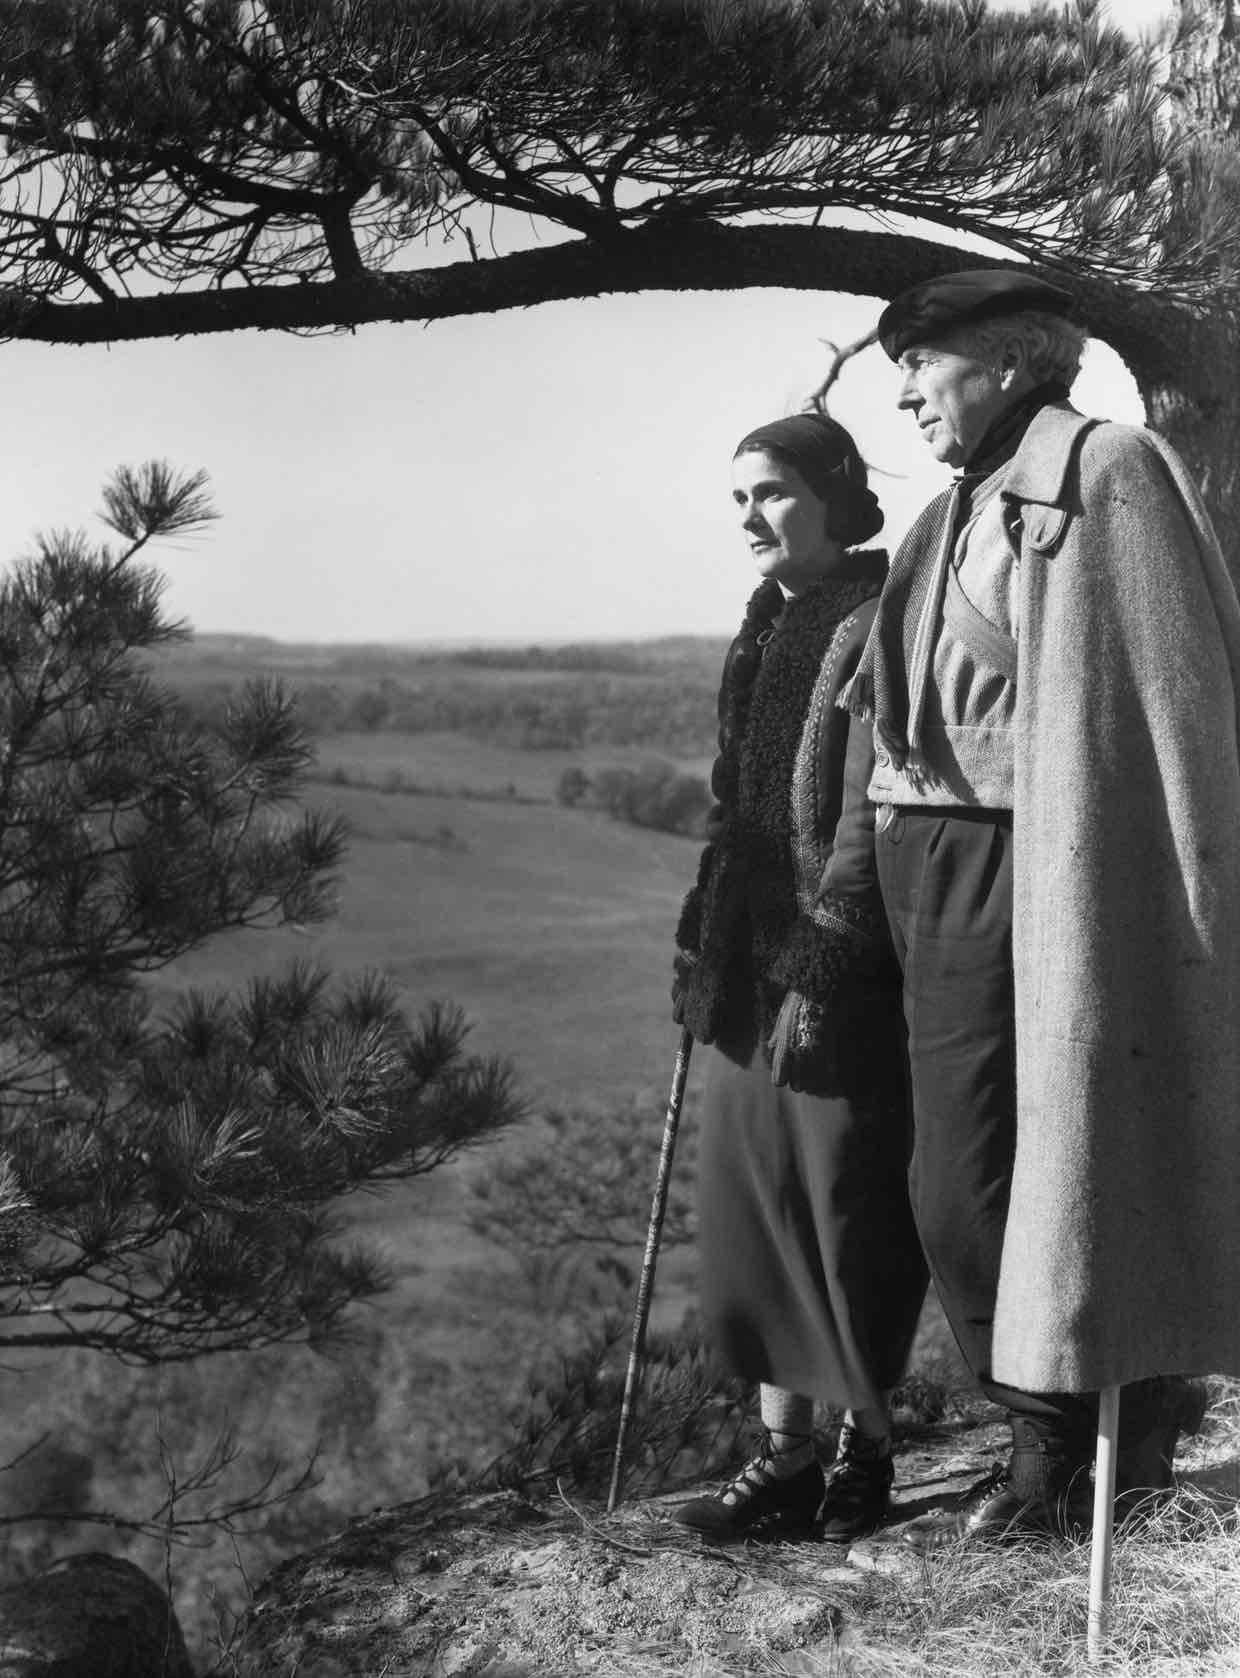 Frank Lloyd Wright et Olgivanna